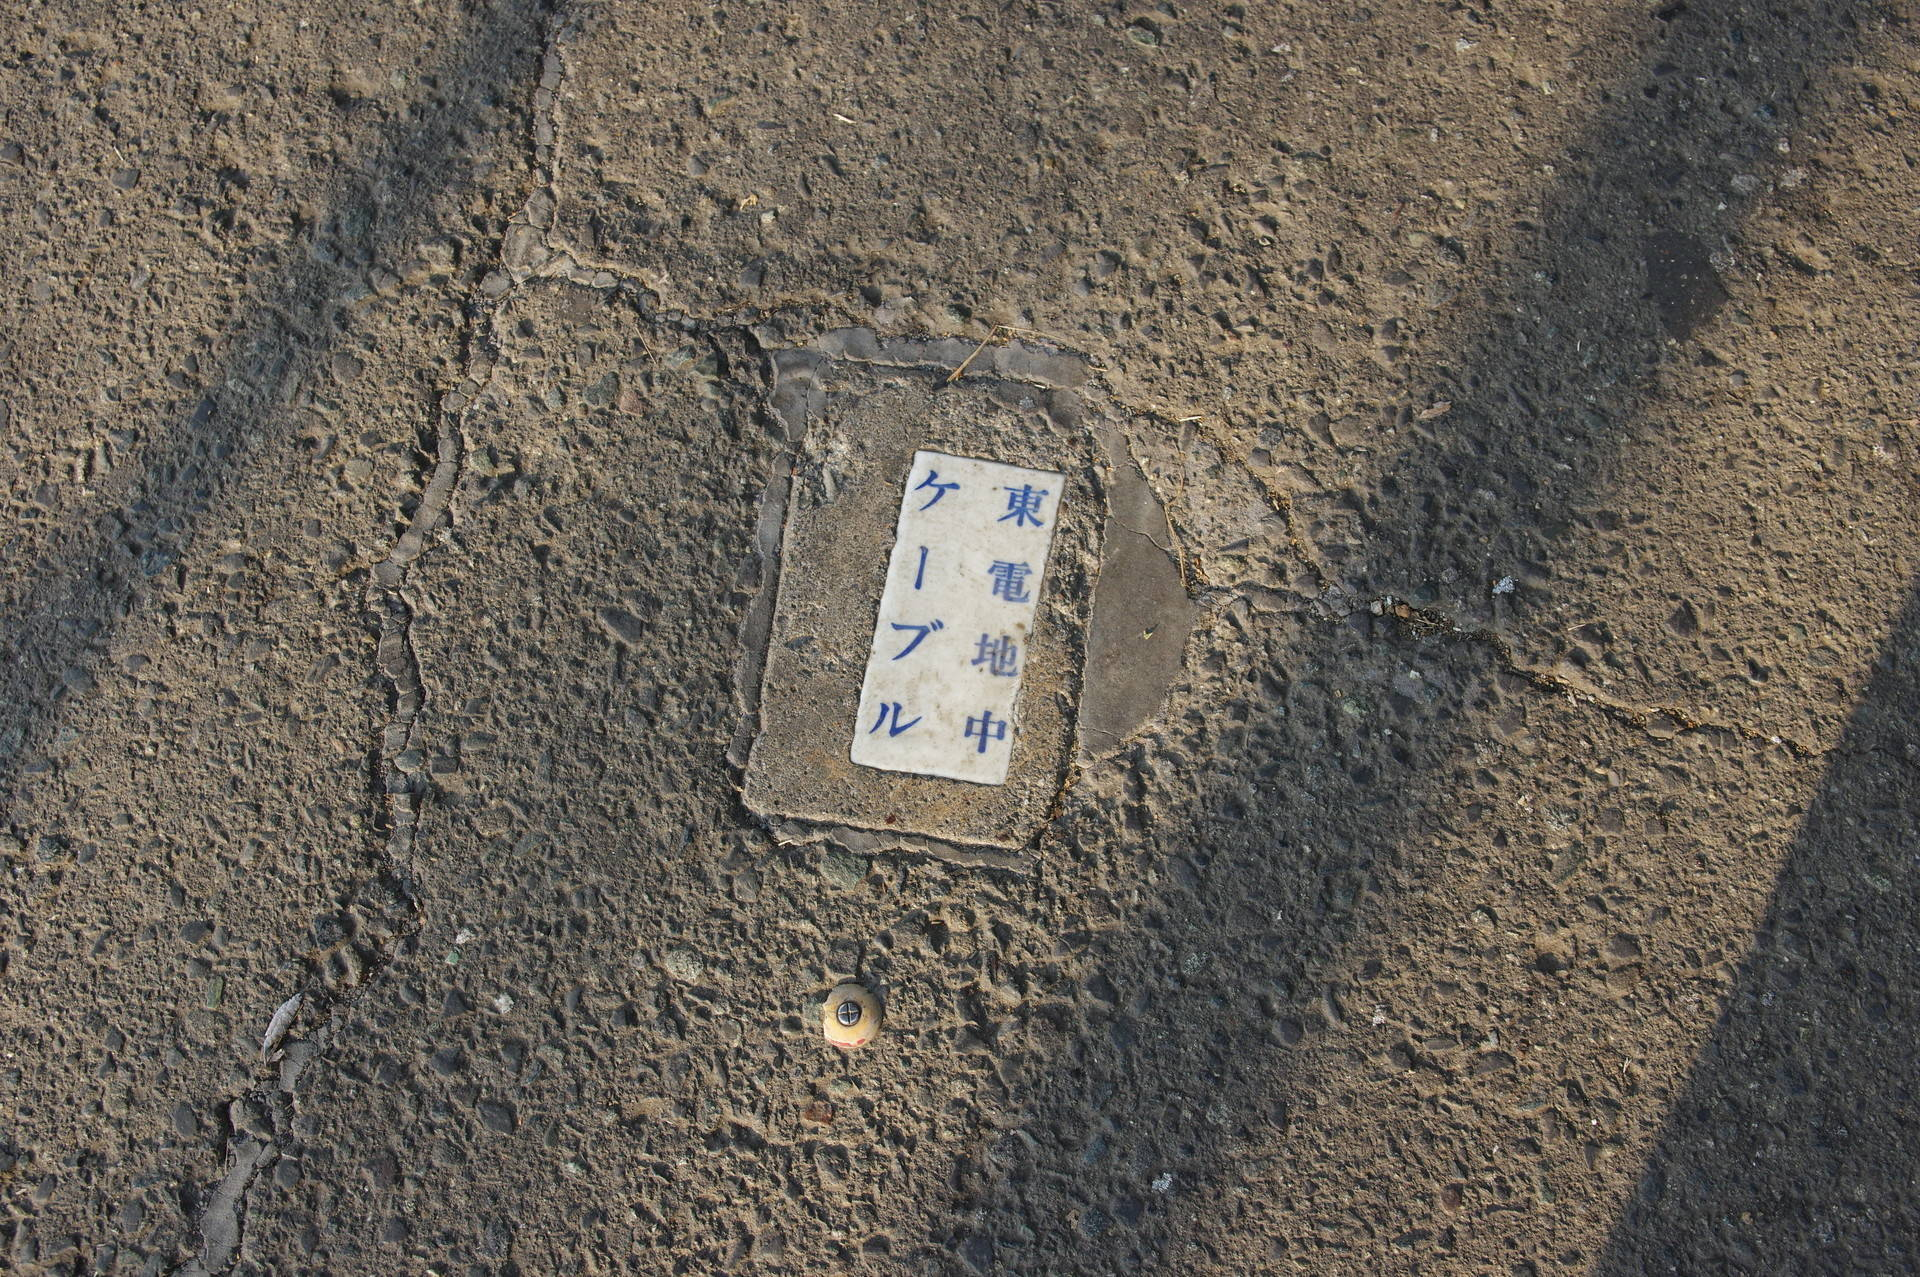 「東電地中ケーブル」と書かれたタイル